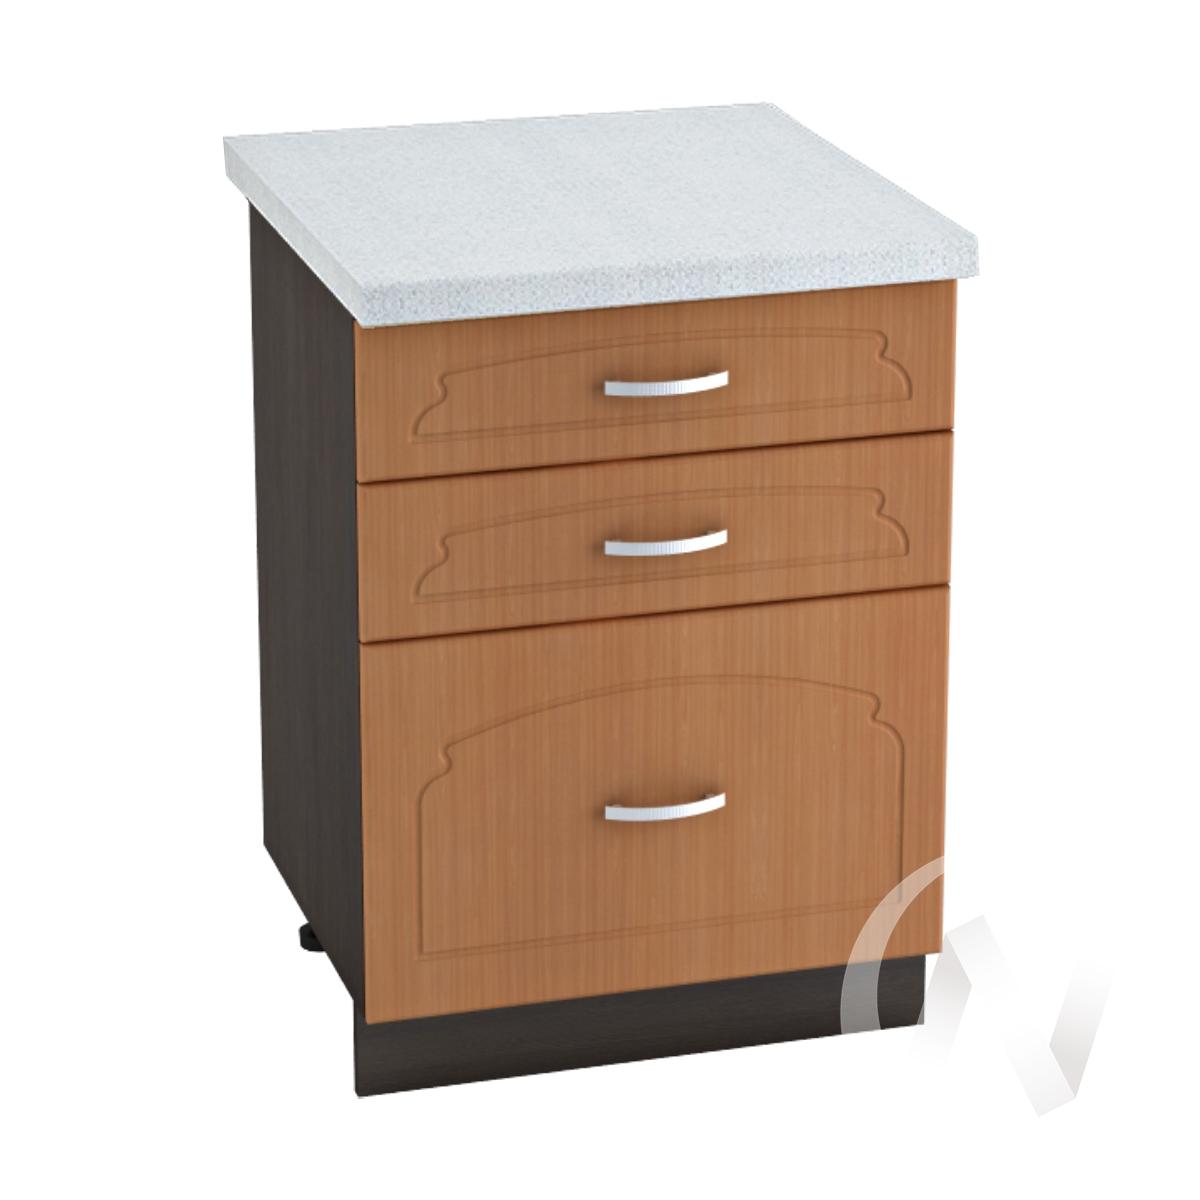 """Кухня """"Настя"""": Шкаф нижний с 3-мя ящиками 600, ШН3Я 600 (Орех миланский/корпус венге)"""